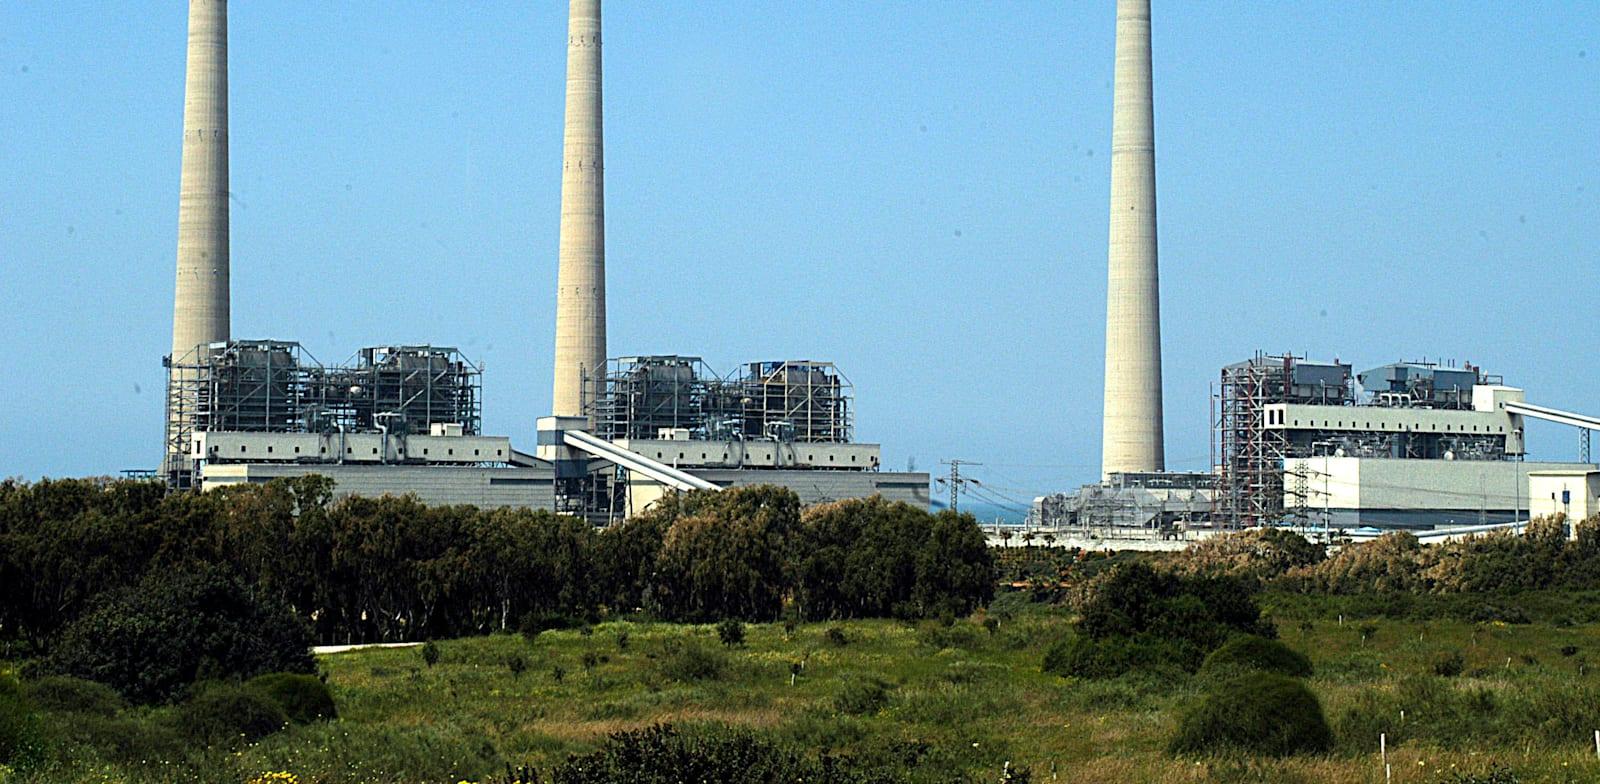 תחנות כוח בחדרה / צילום: אייל פישר